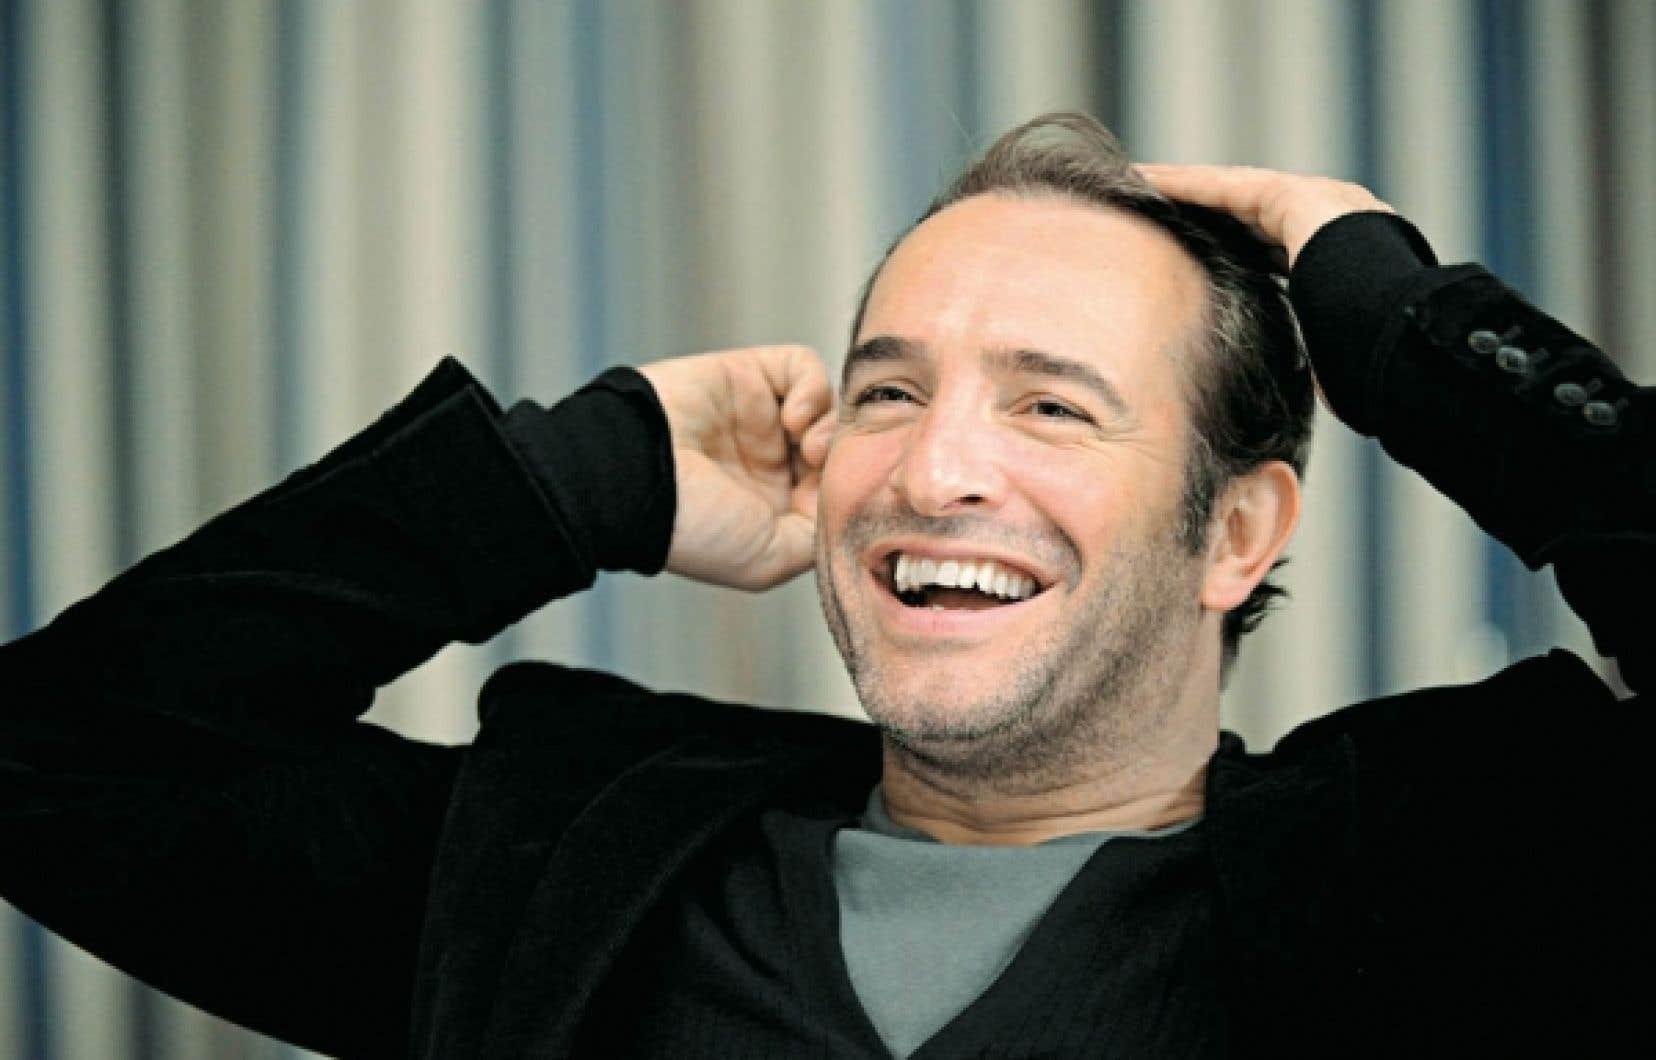 La décision de faire entrer dans Le Petit Robert l'acteur Jean Dujardin, oscarisé pour sa performance dans le film The Artist, n'a pas été motivée par sa consécration, le choix ayant été arrêté en octobre, selon la directrice éditoriale.